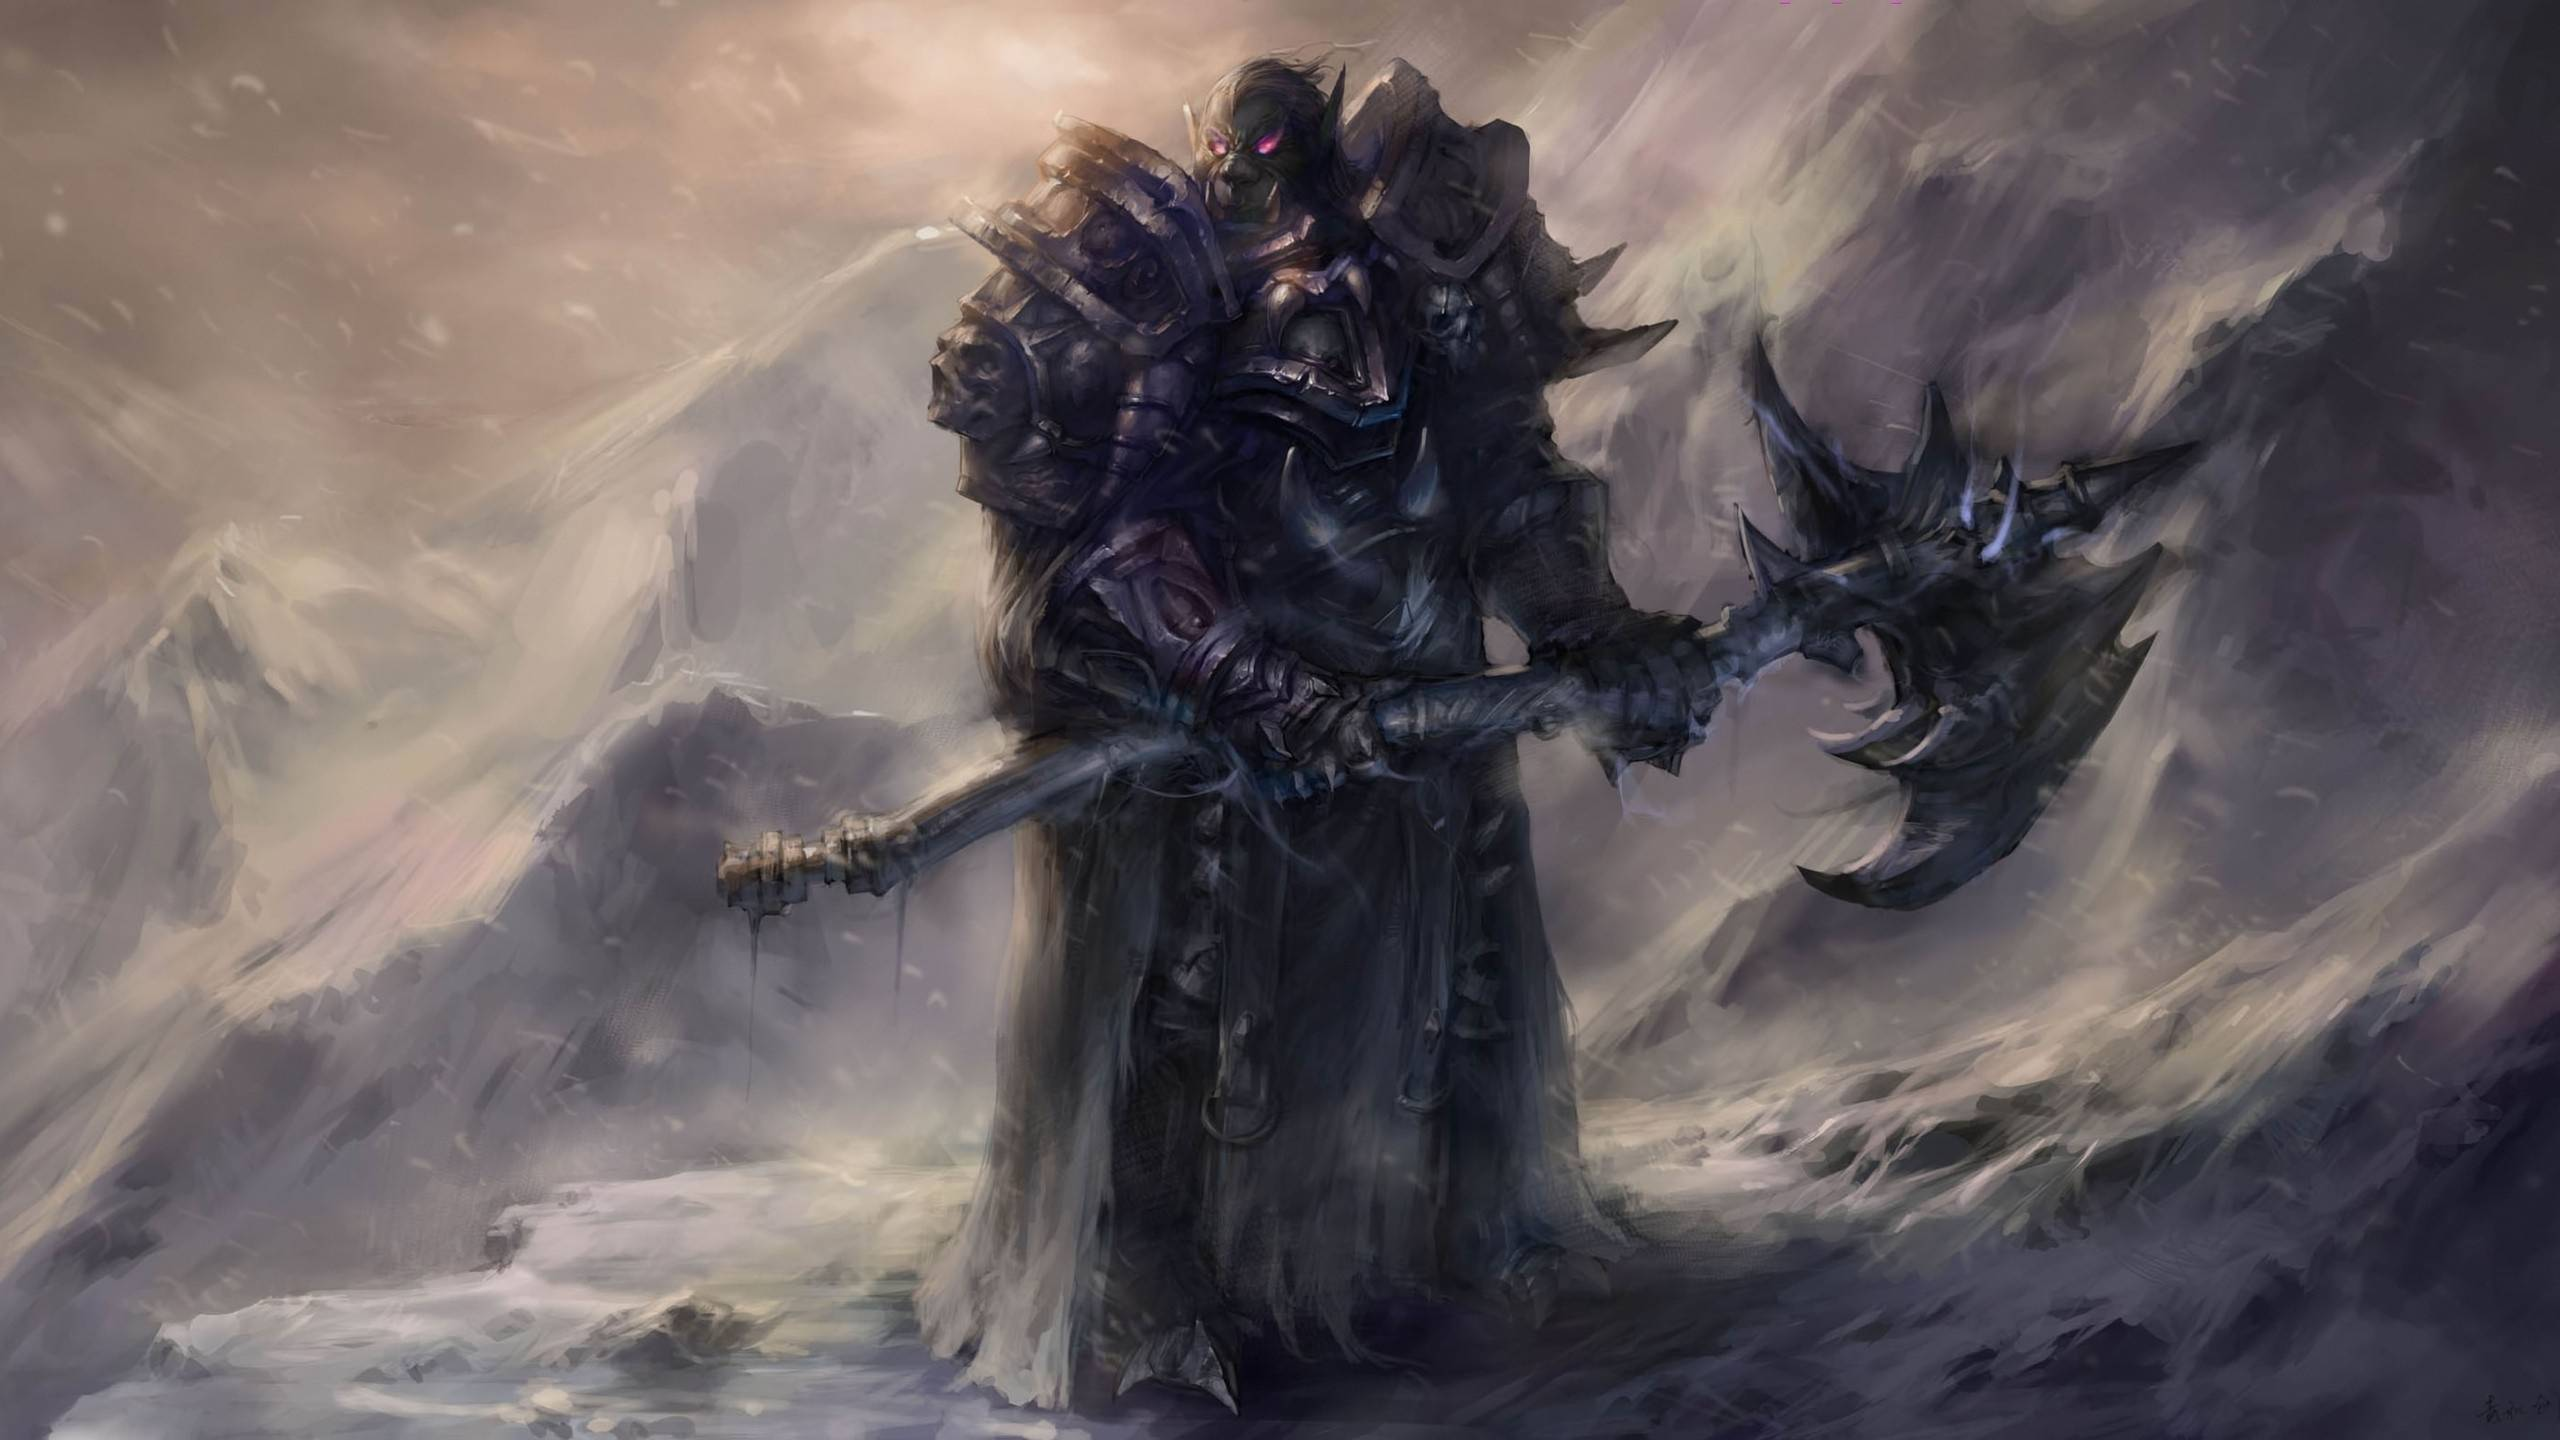 Imagen De Orco De La Saga De World Of Warcraft